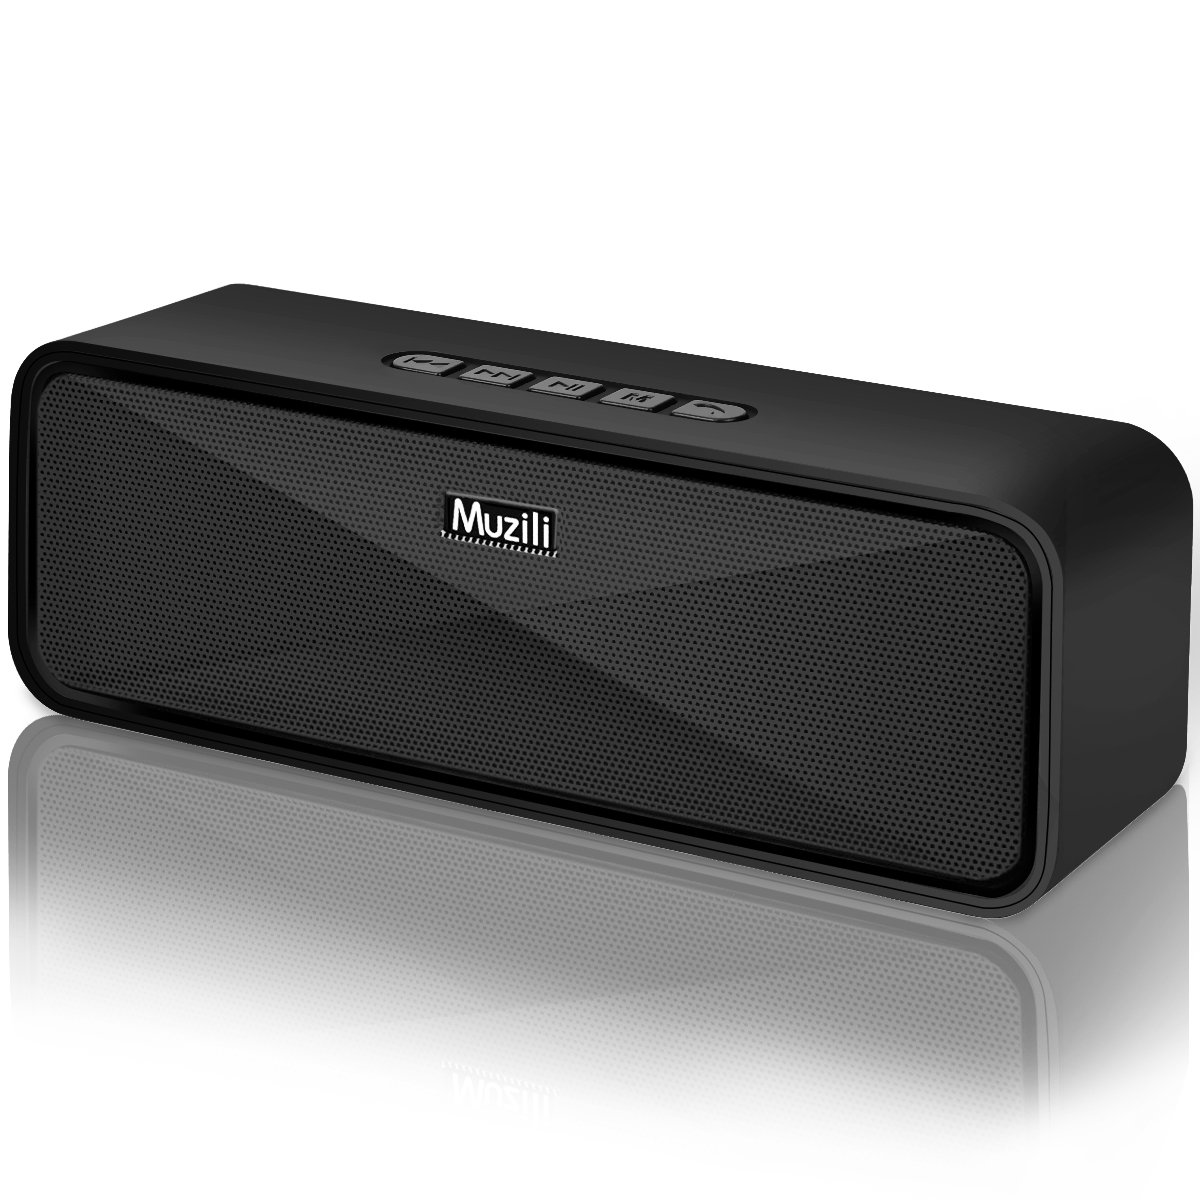 Altavoz Bluetooth Muzili Altavoz de inalámbrico Portátil al Aire Libre Sonido de bajo Sonido Estéreo Manos Libres/Modo AUX/Tarjeta TF/USB